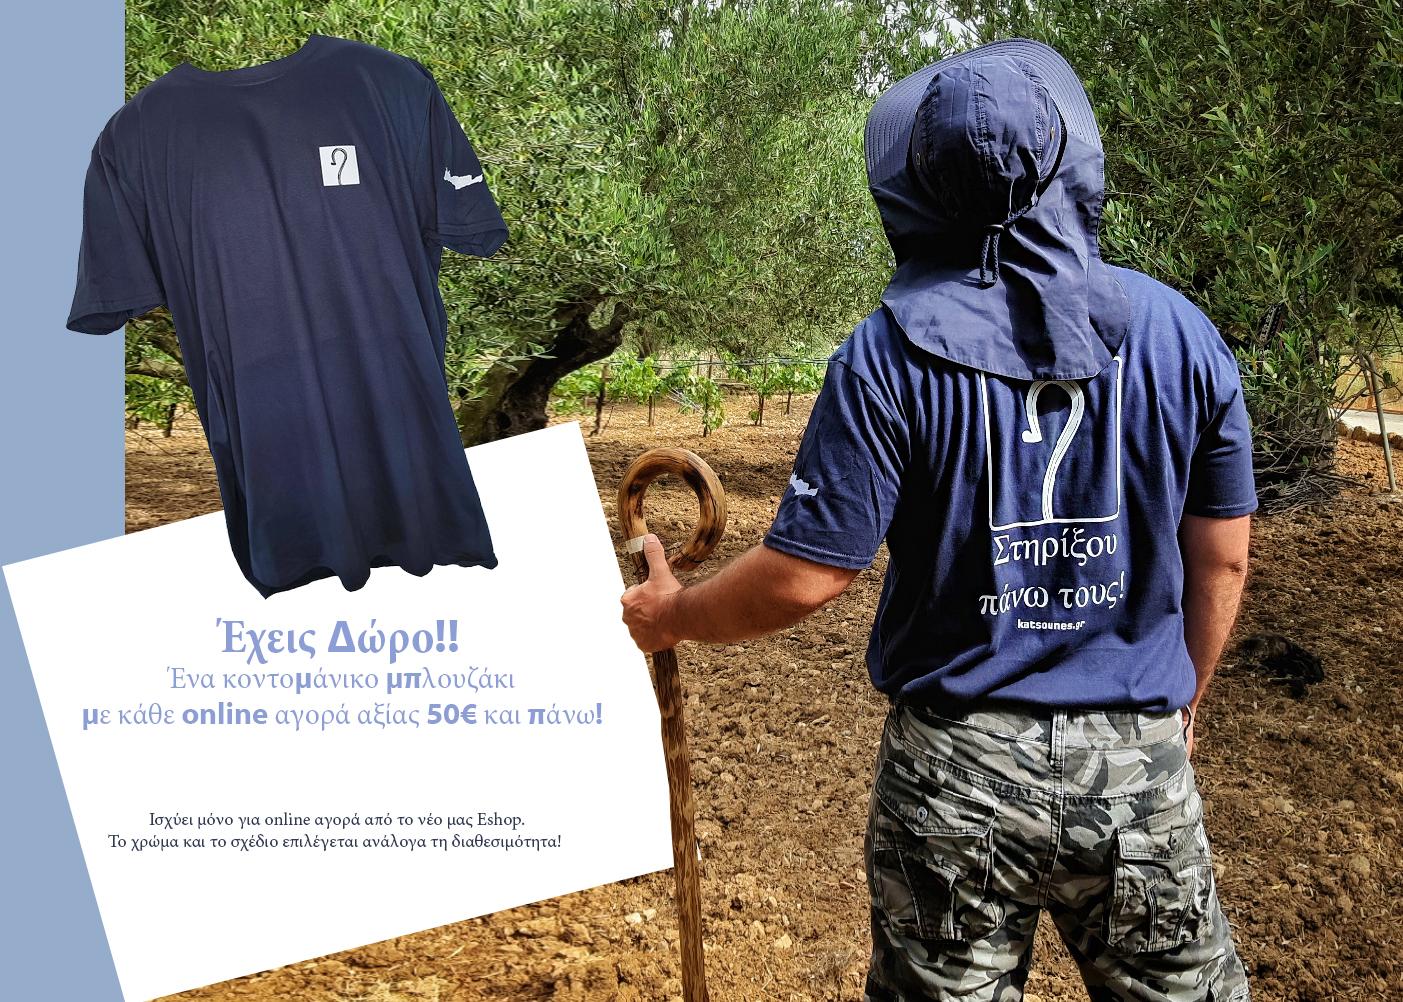 """Σου κάνουμε δώρο ένα """"Κρητικό μπλουζάκι"""", πρόλαβε το!"""